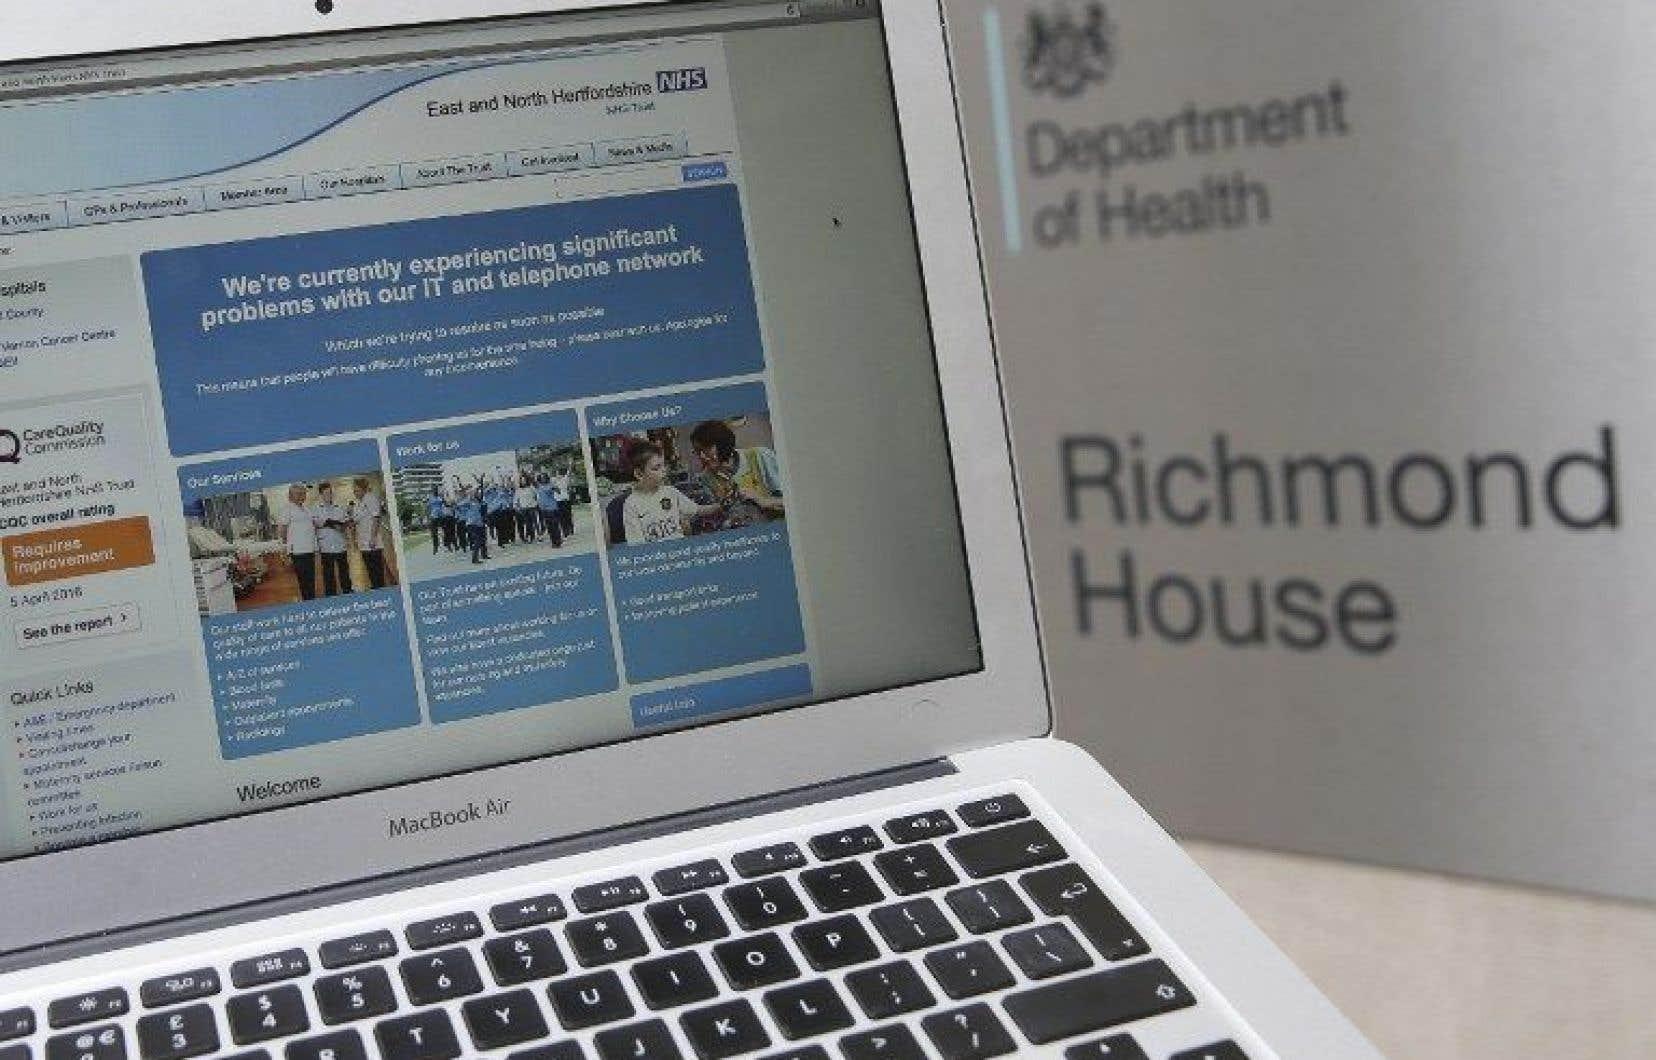 Le service public de santé britannique NHS semble avoir été l'une des premières et principales victimes.